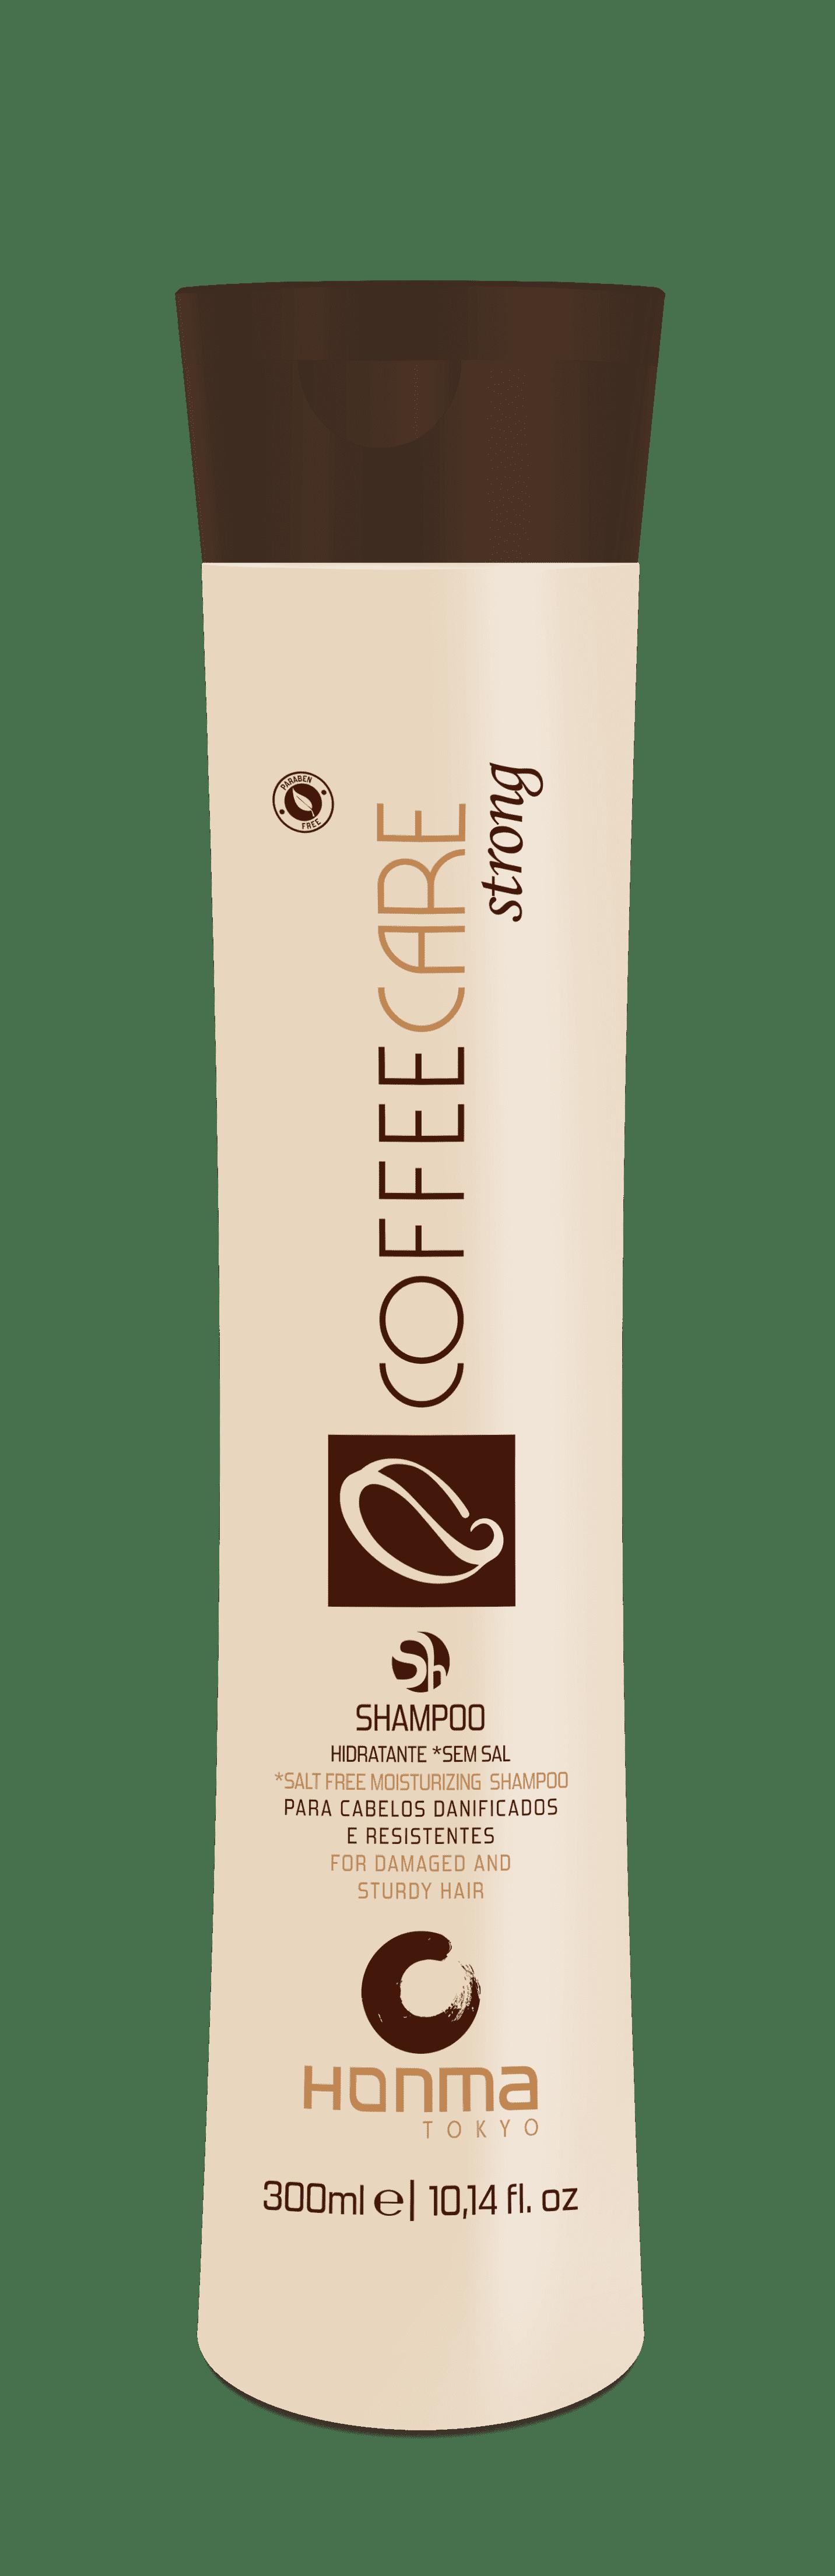 Honma Tokyo, Coffee Care Strong Бессолевой увлажняющий шампунь восстановление и защита, 1000 мл